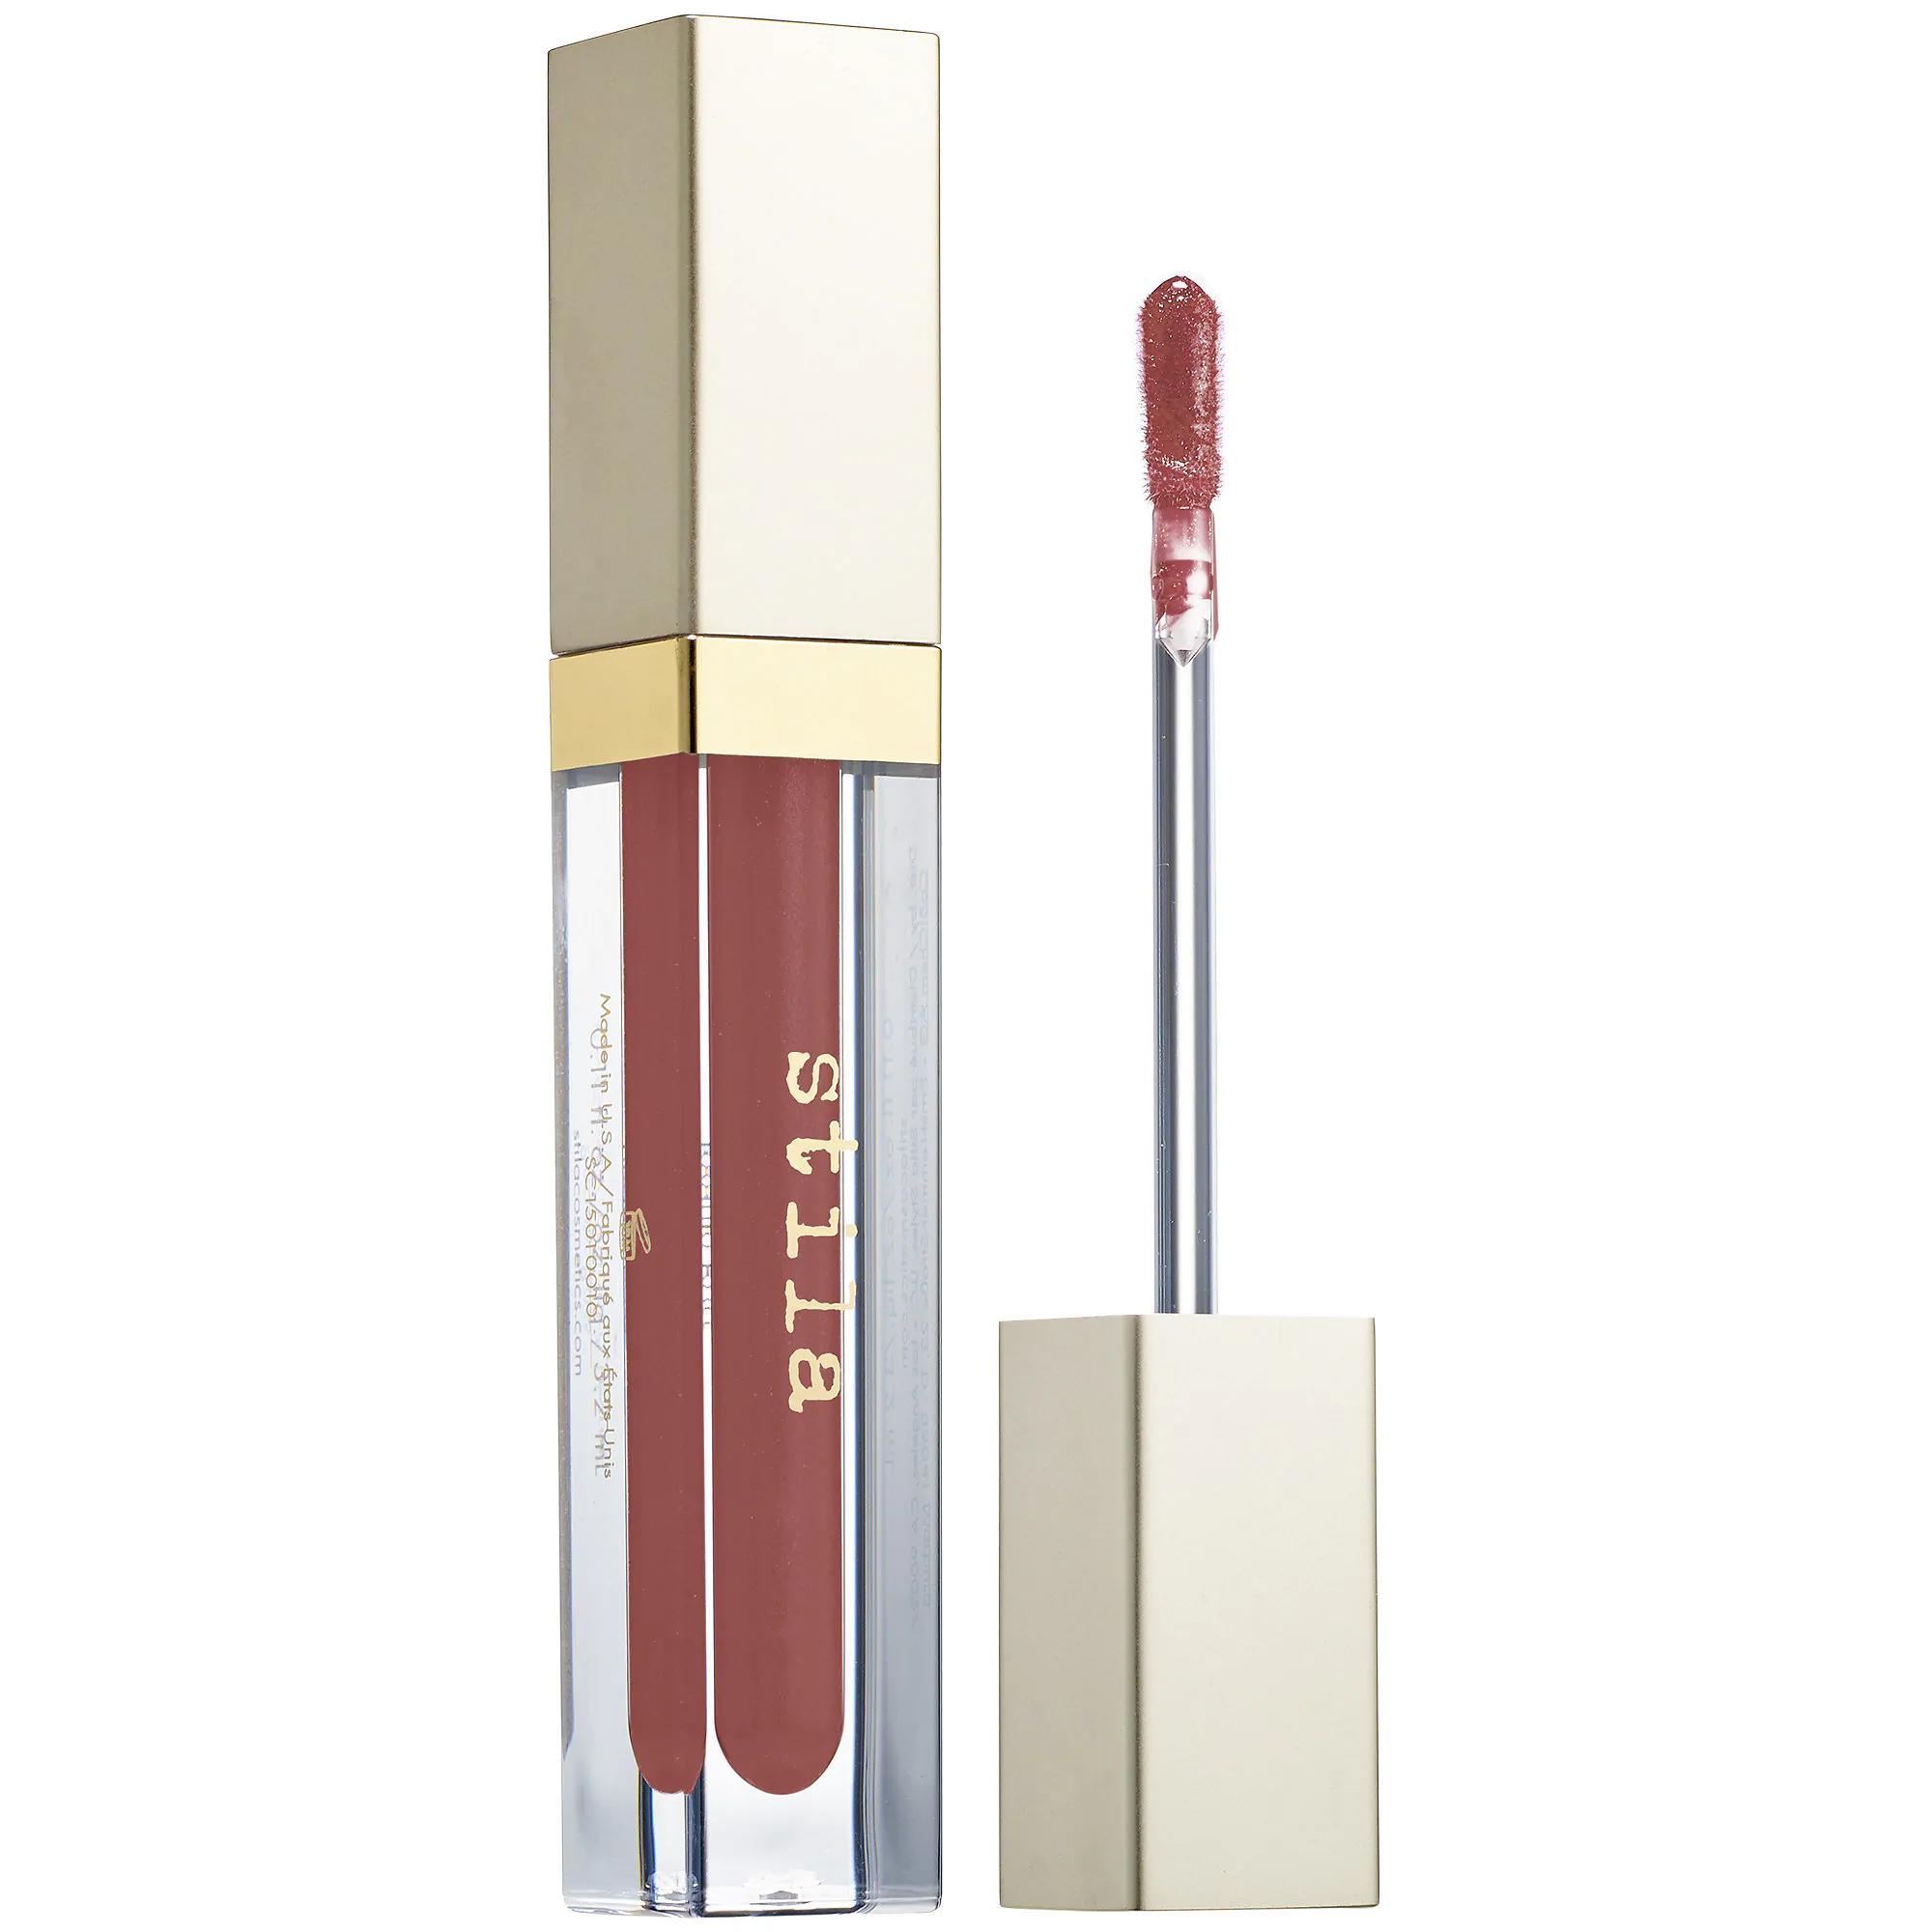 Stila Beauty Boss Lip Gloss Win-Win